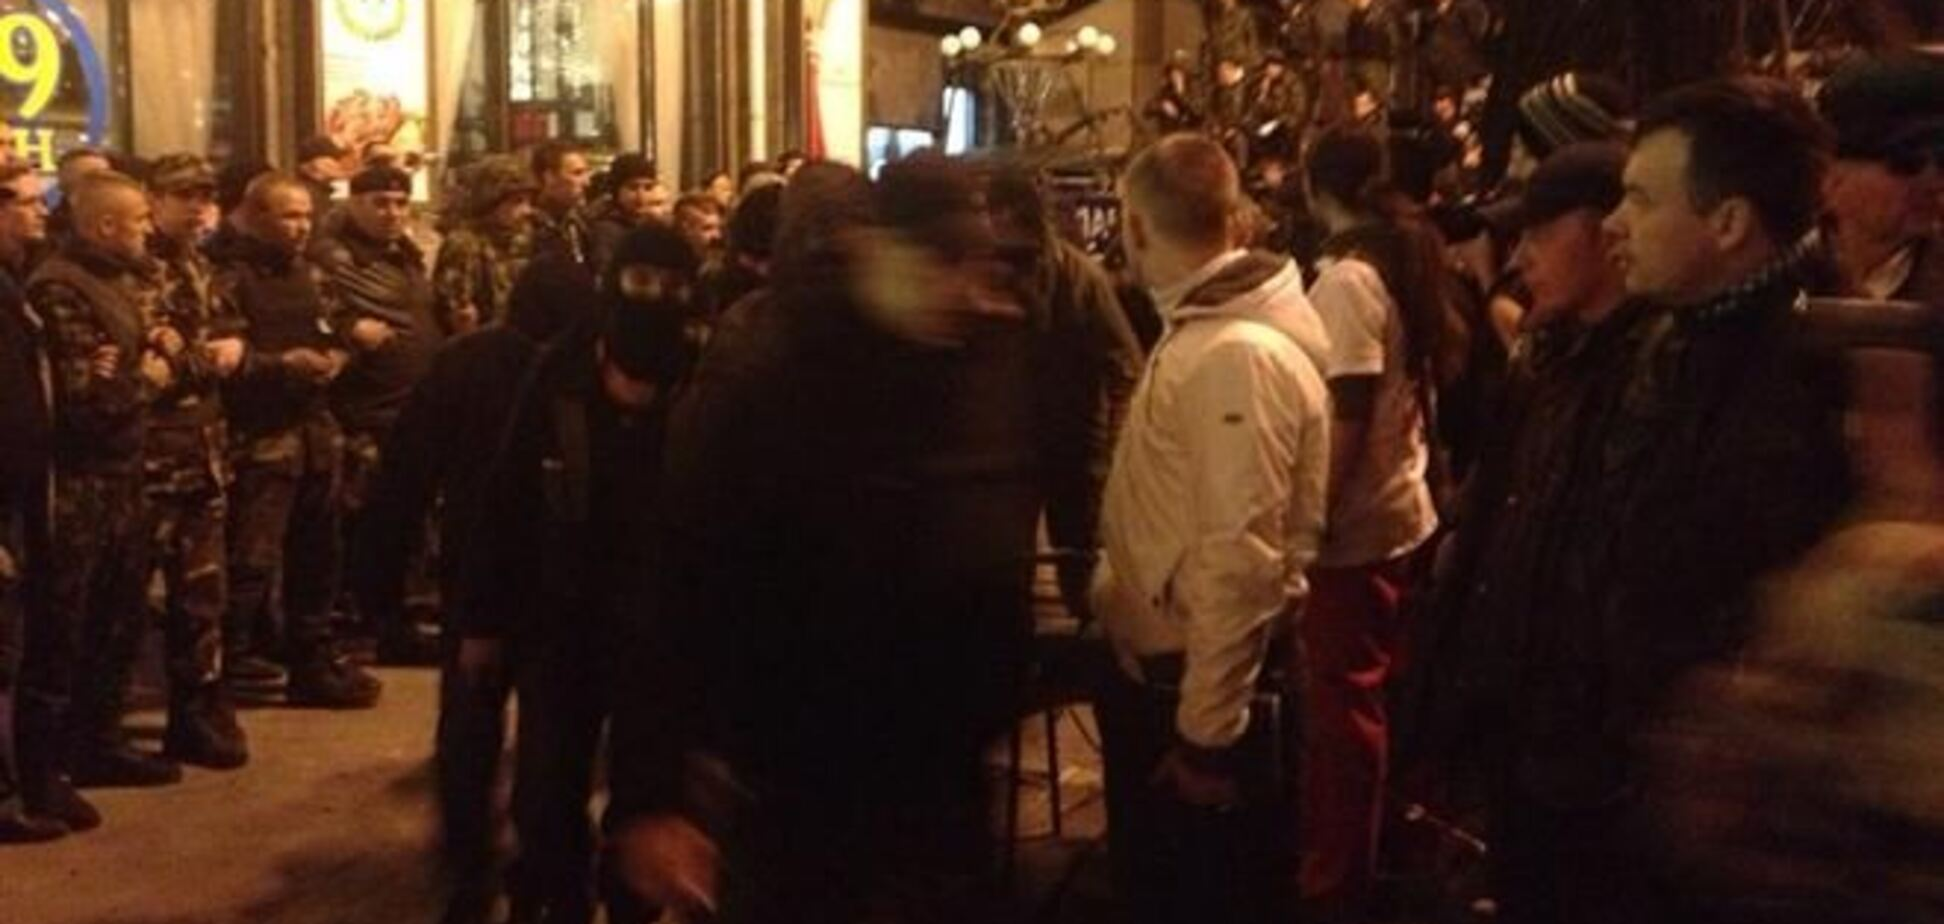 'Правий сектор' влаштував стрілянину на Європейській площі: є поранені